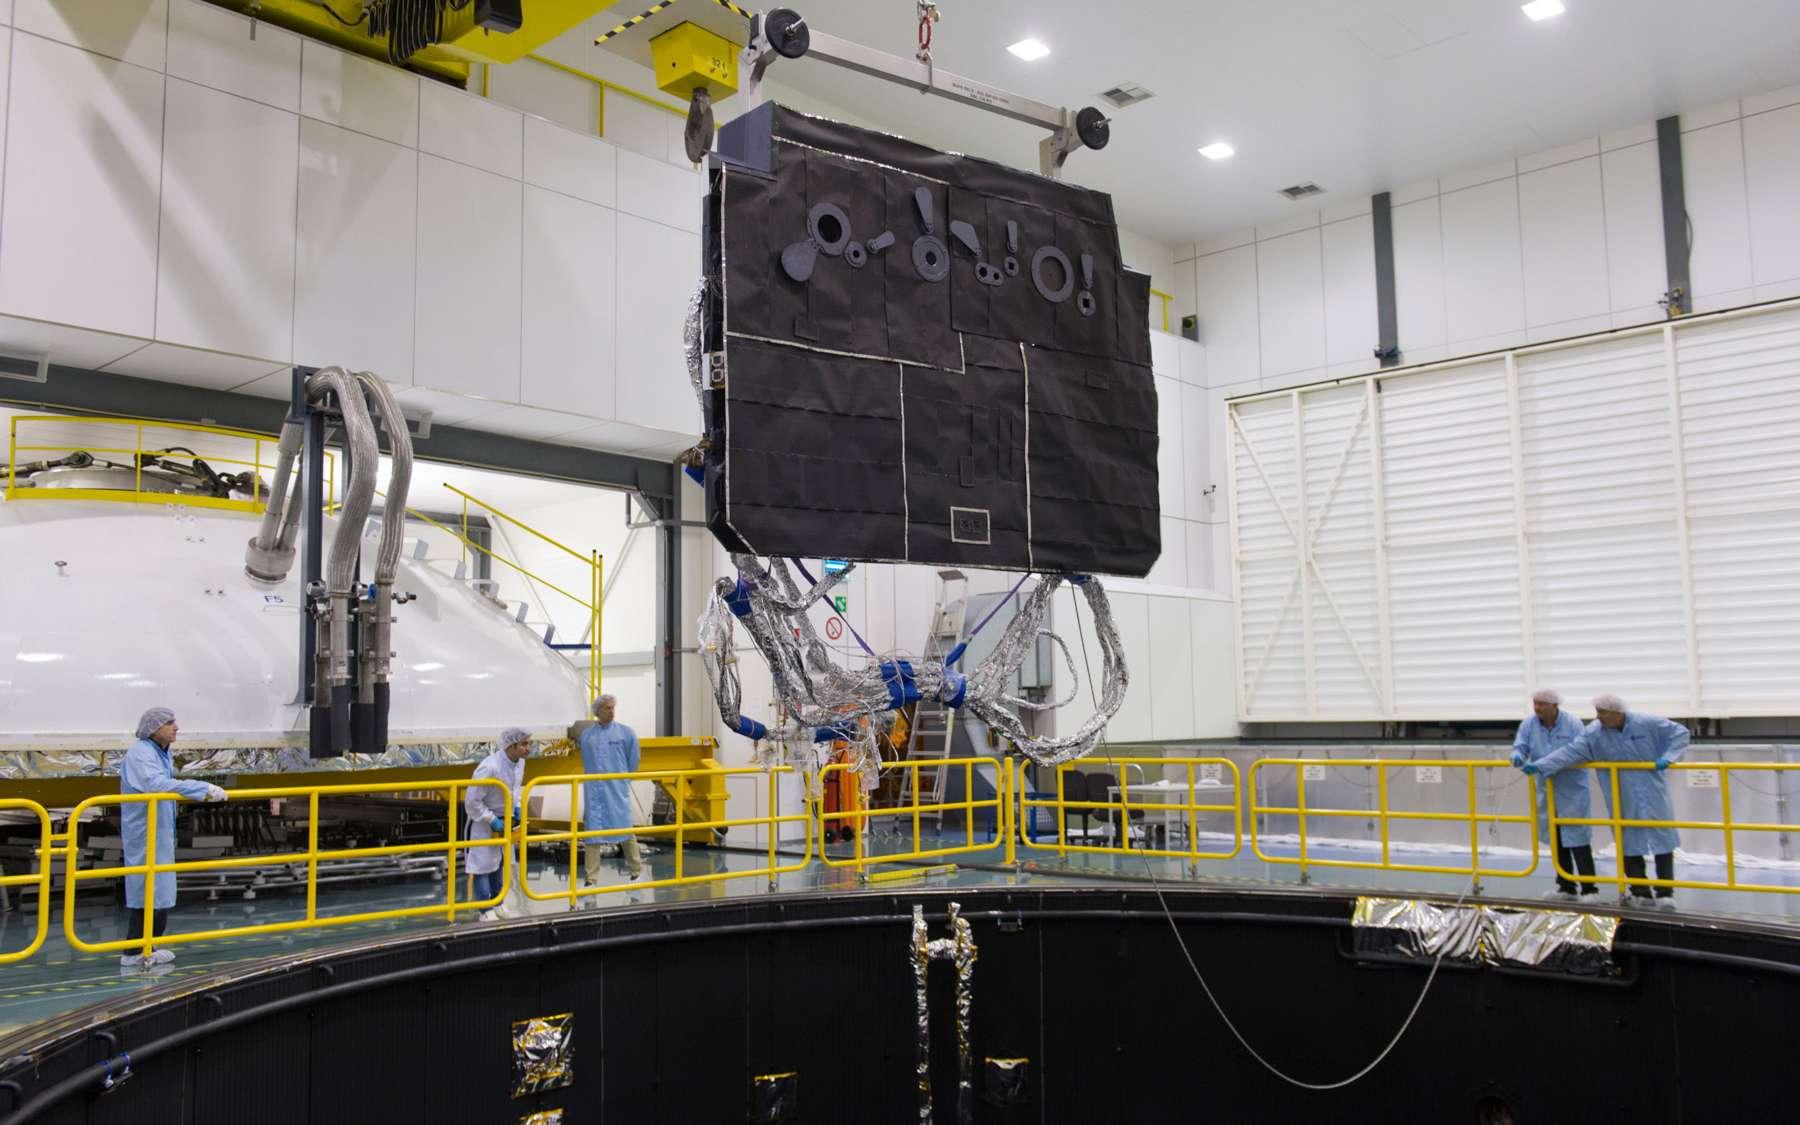 Le bouclier thermique de Solar Orbiter installé dans la chambre à vide, la plus grande d'Europe, de l'Agence spatiale européenne. © Esa, Anneke Le Floc'h